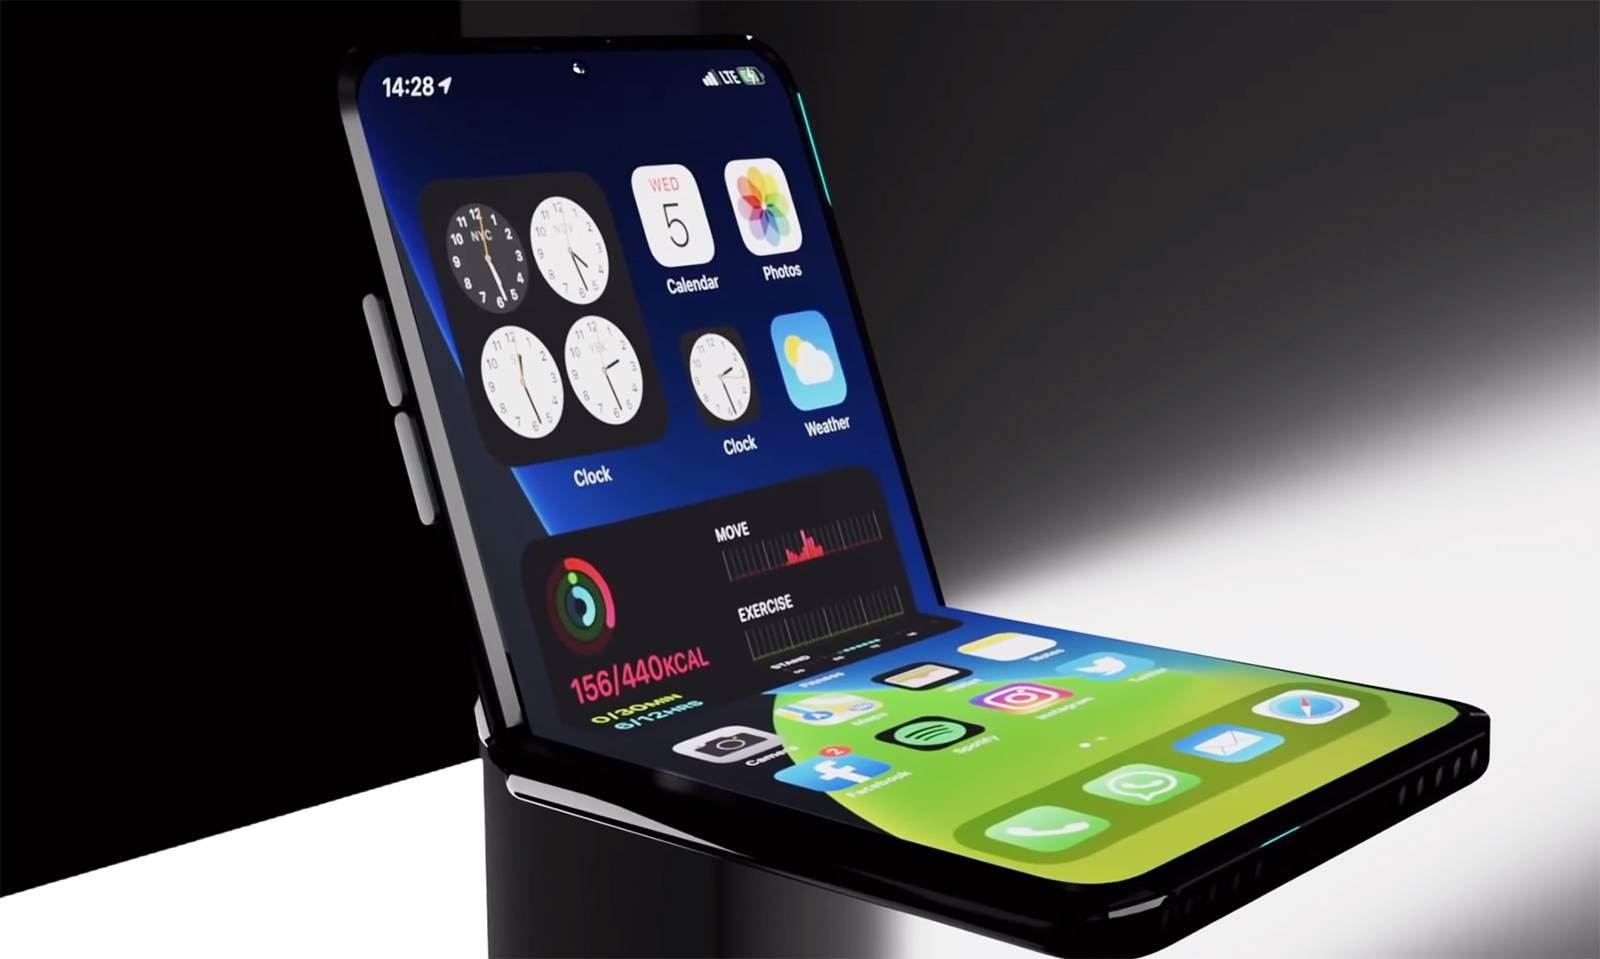 Nuevos detalles del iPhone plegable se han revelado, llegaría en 2022